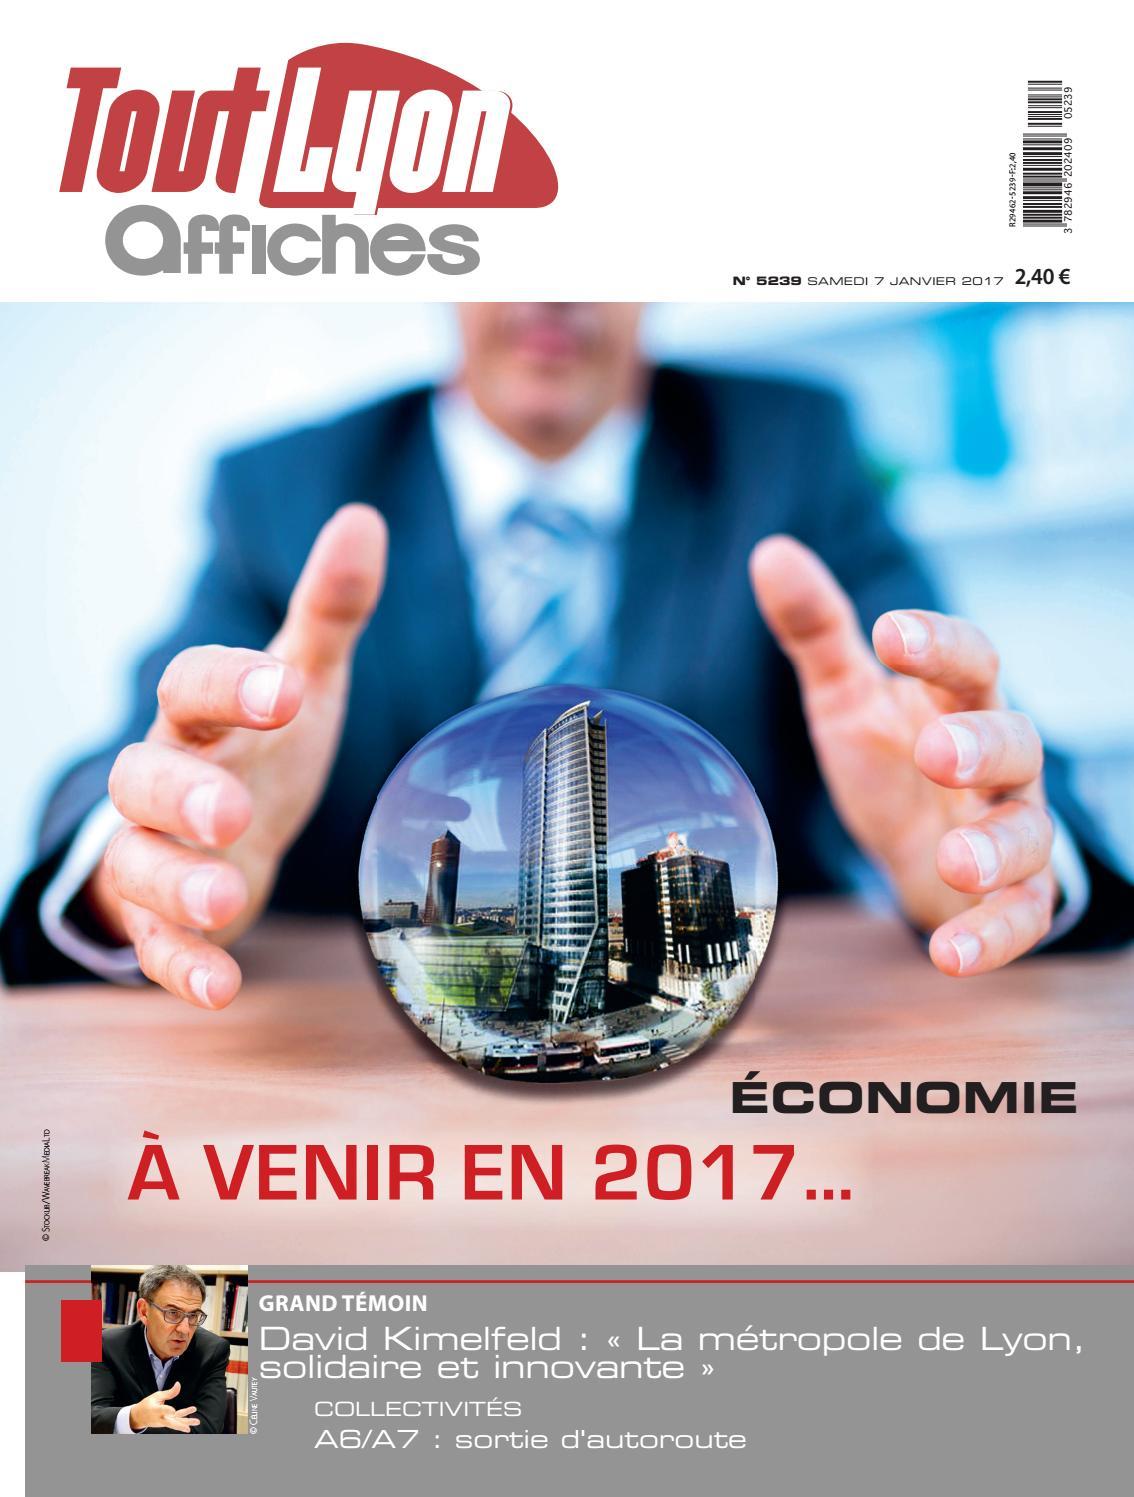 Le Tout Lyon Affiches Du 7 Janvier 2017 By Tout Lyon ... intérieur Promotion Piscine Desjoyaux 2017